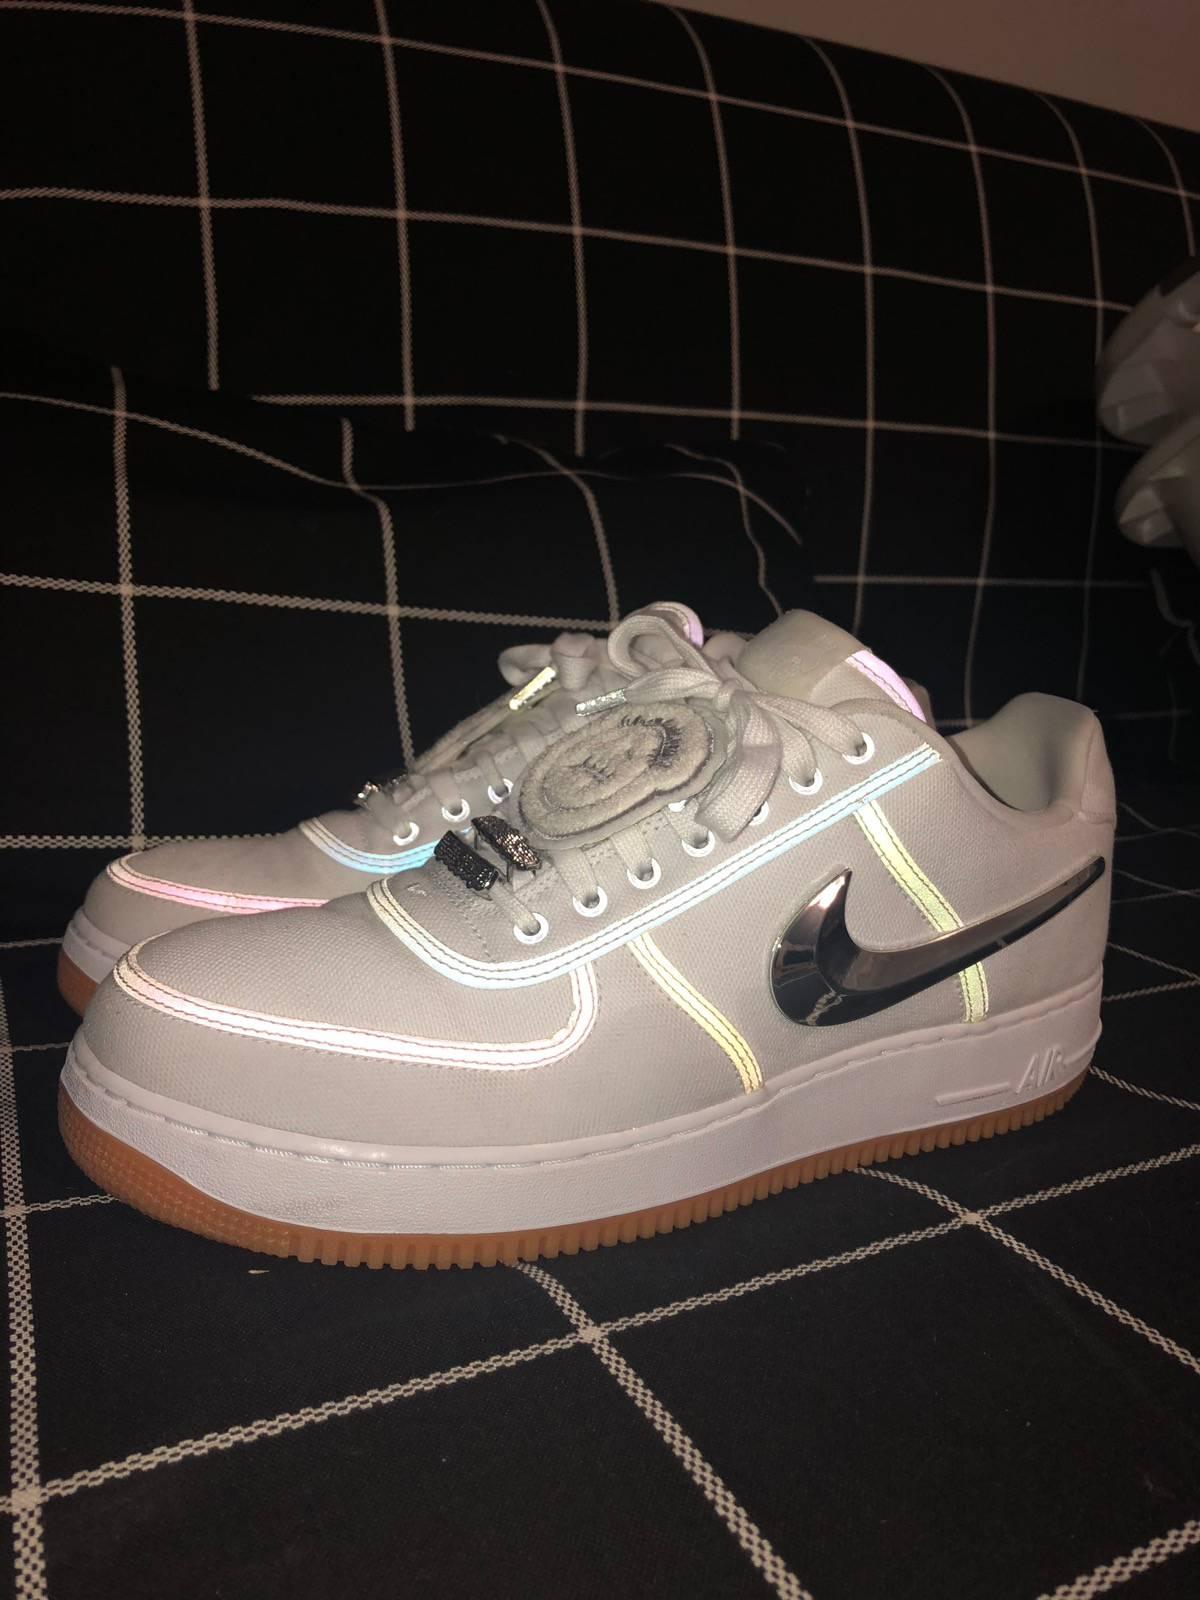 Nike Travis Scott X Nike Air Force 1 Og Grailed